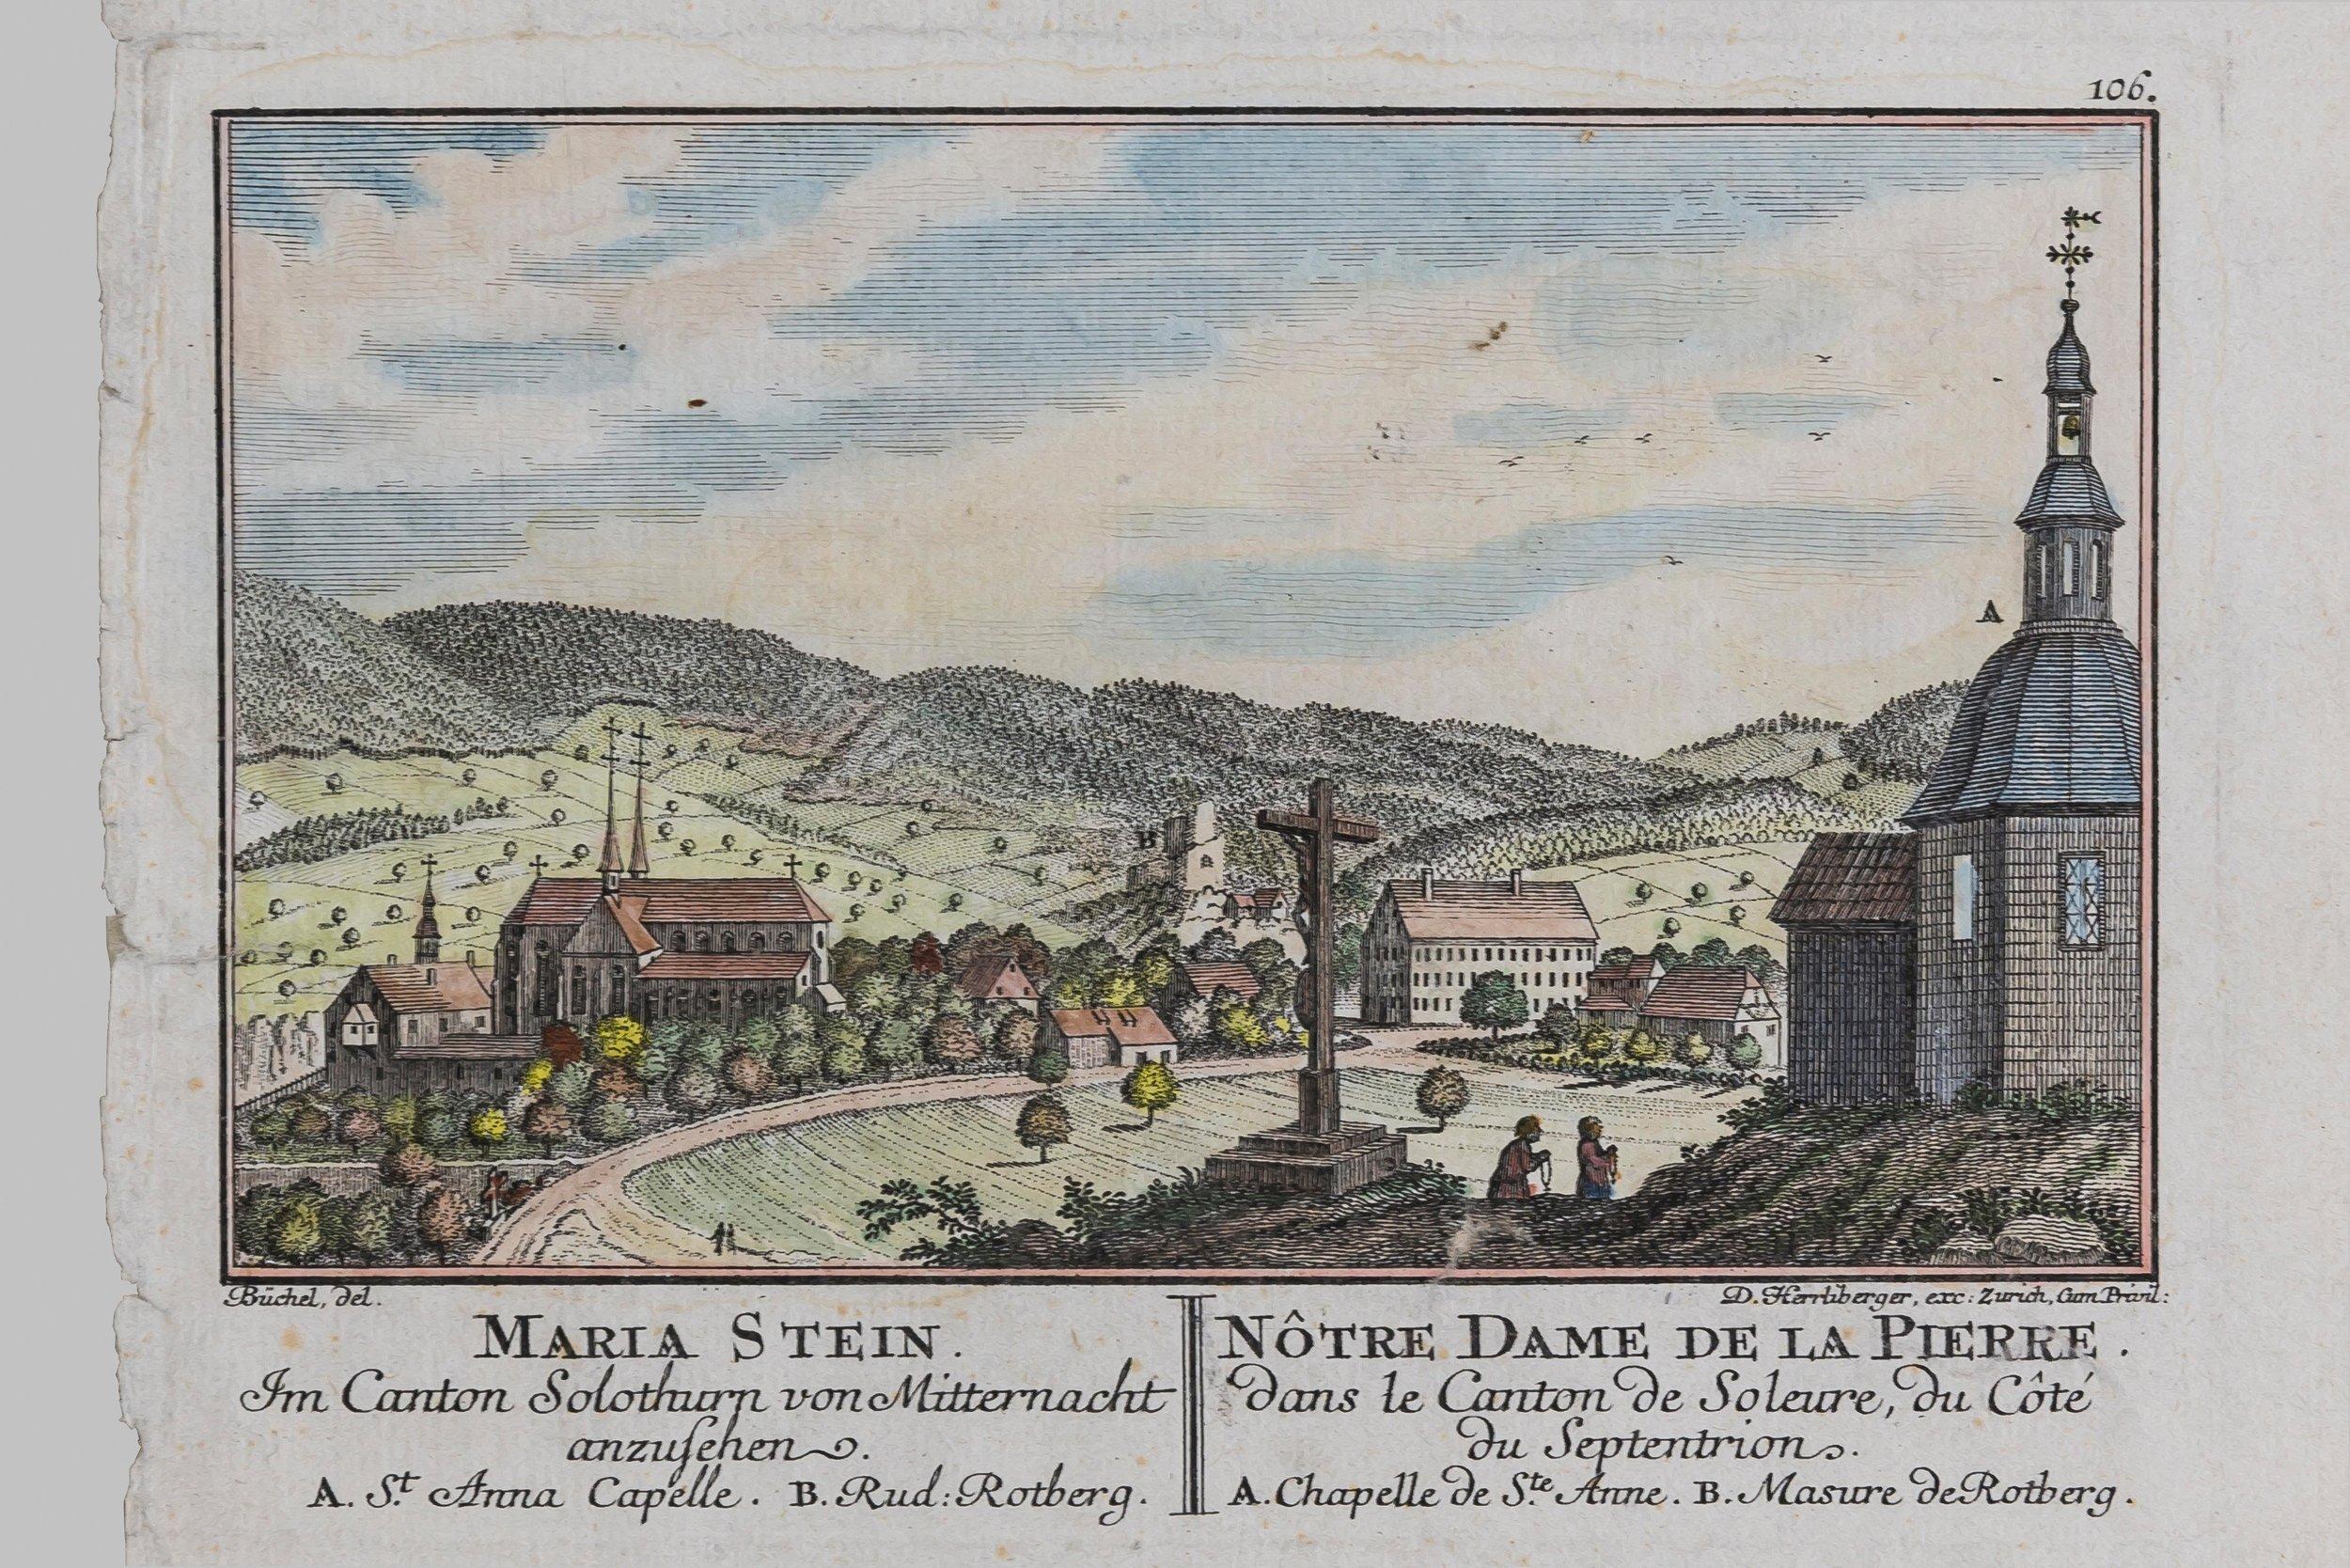 Kolorierter Kupferstich von David Herrliberger nach einem Kupferstich von Emanuel Büchel mit dem Pilgerwirtshaus im mittigen Hintergrund. 1754 aus dem Klosterarchiv Mariastein.